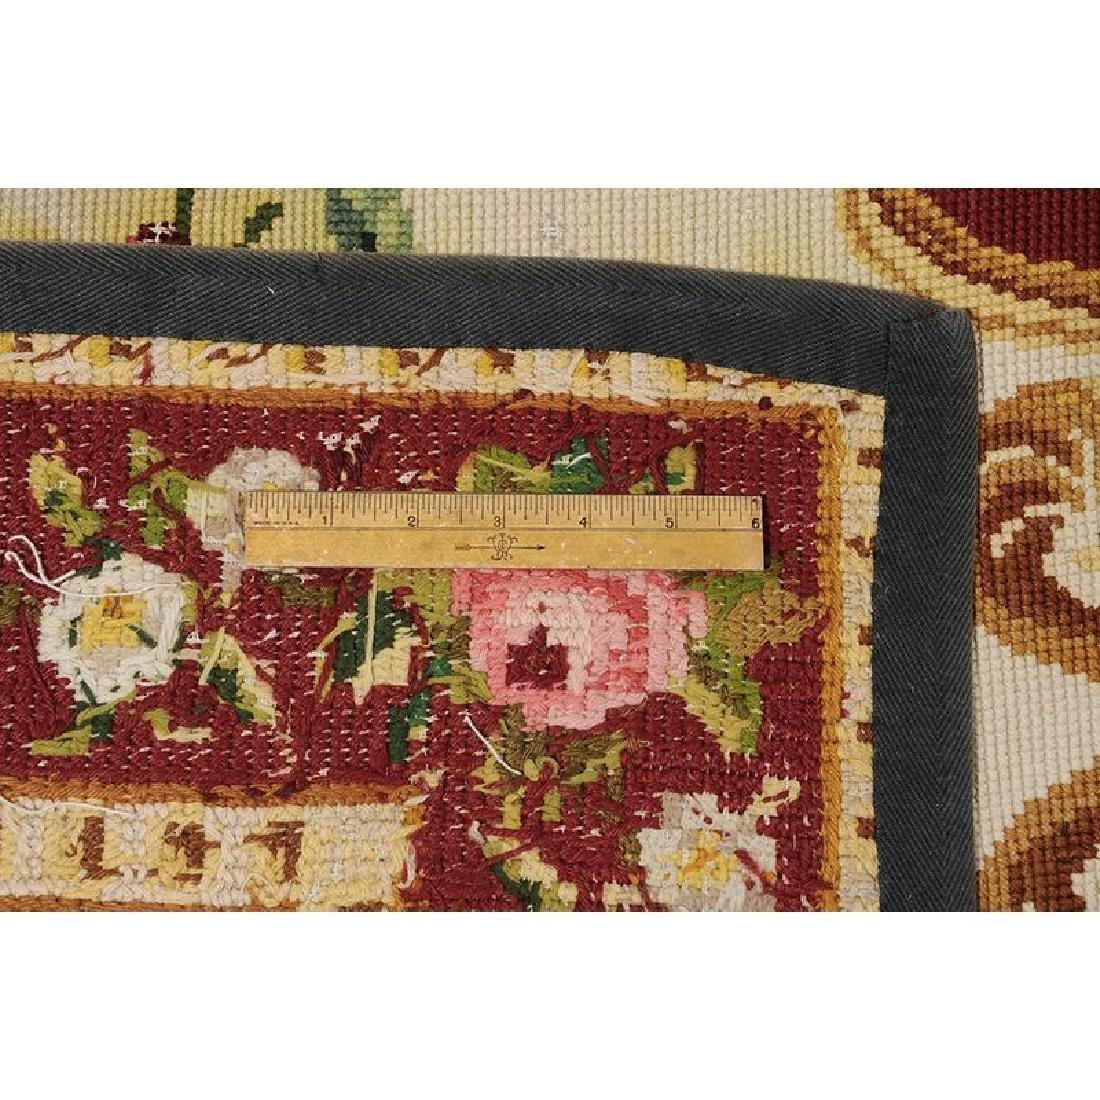 English Needlework Carpet - 2